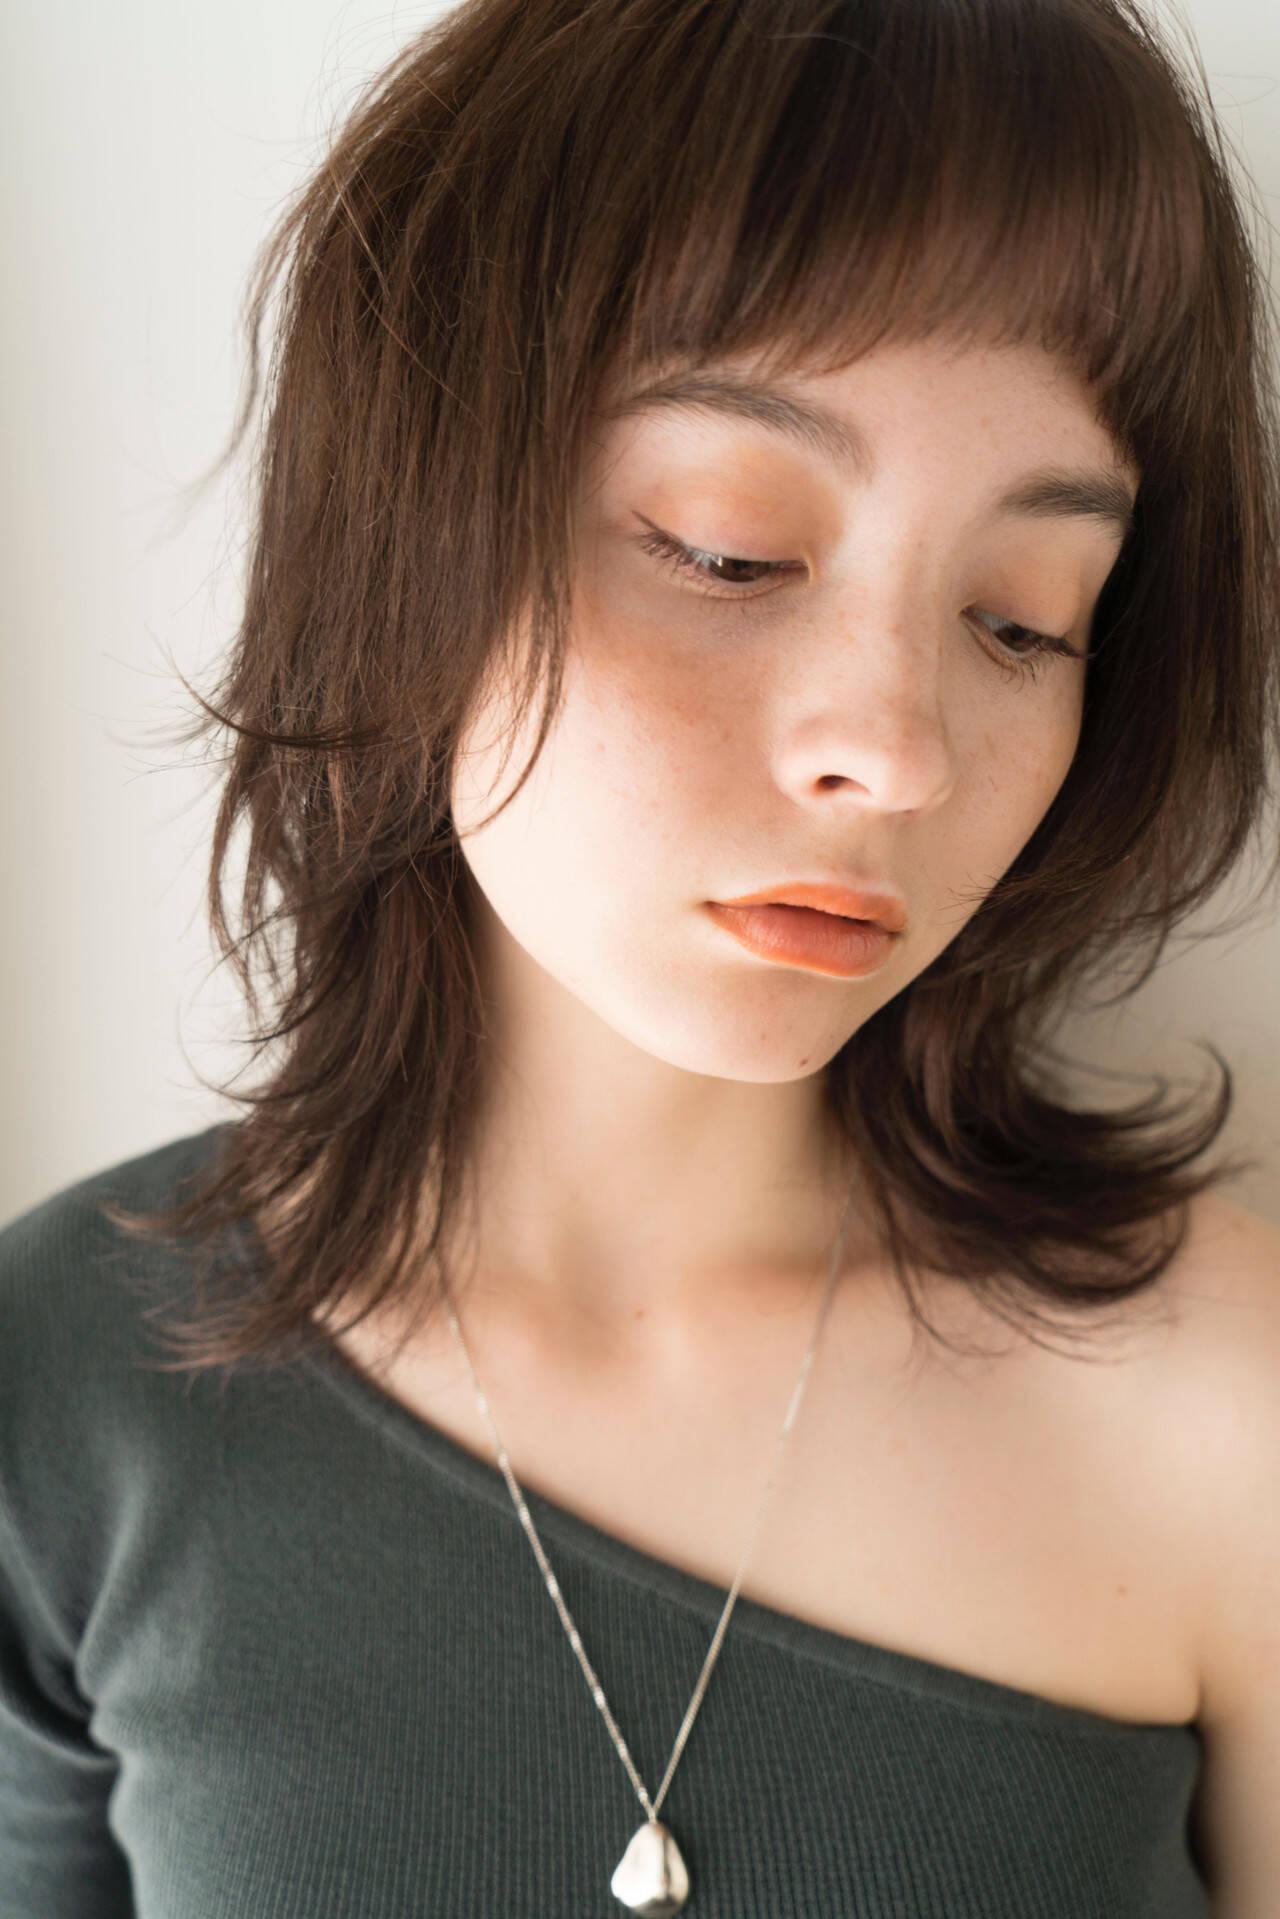 ウルフ女子 ニュアンスウルフ ミディアム マッシュウルフヘアスタイルや髪型の写真・画像